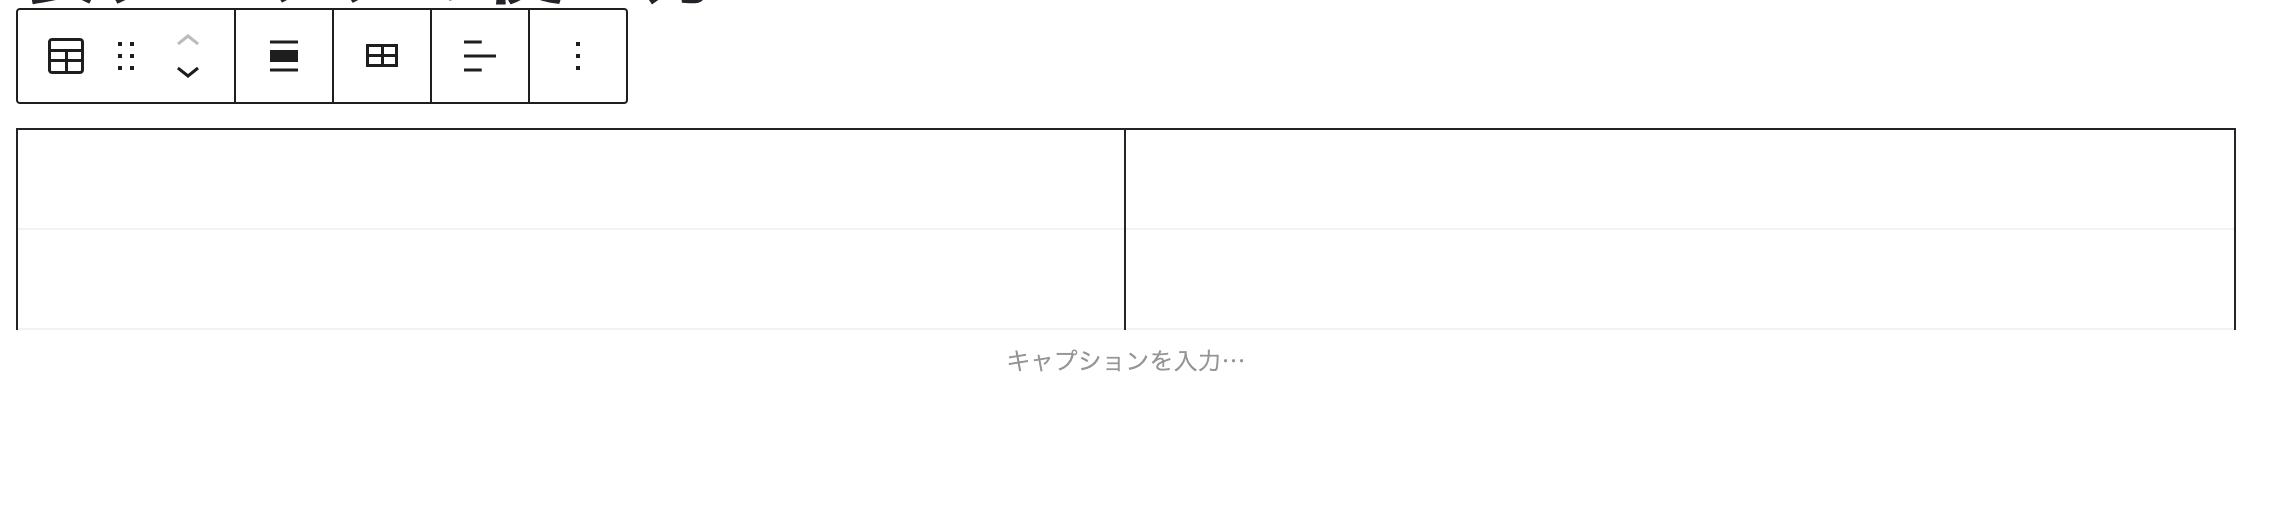 表が作成された